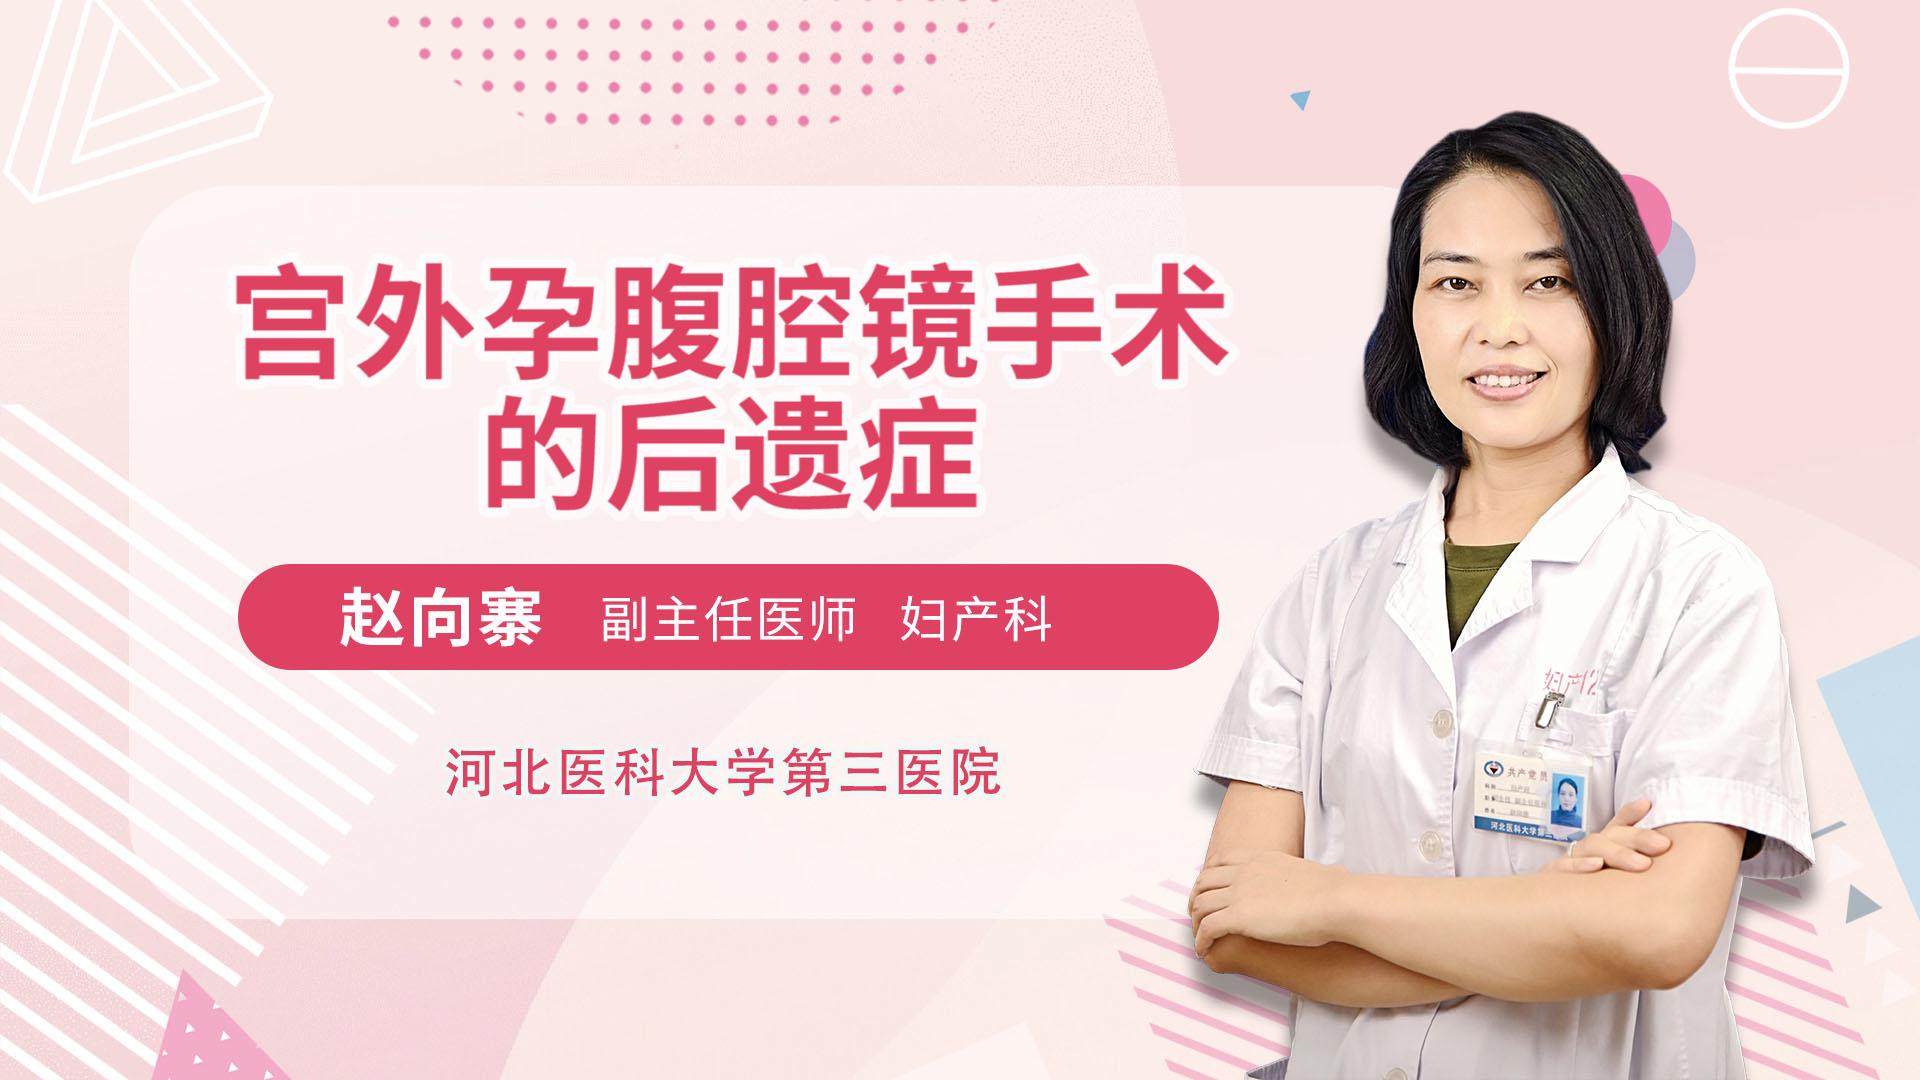 宫外孕腹腔镜手术的后遗症